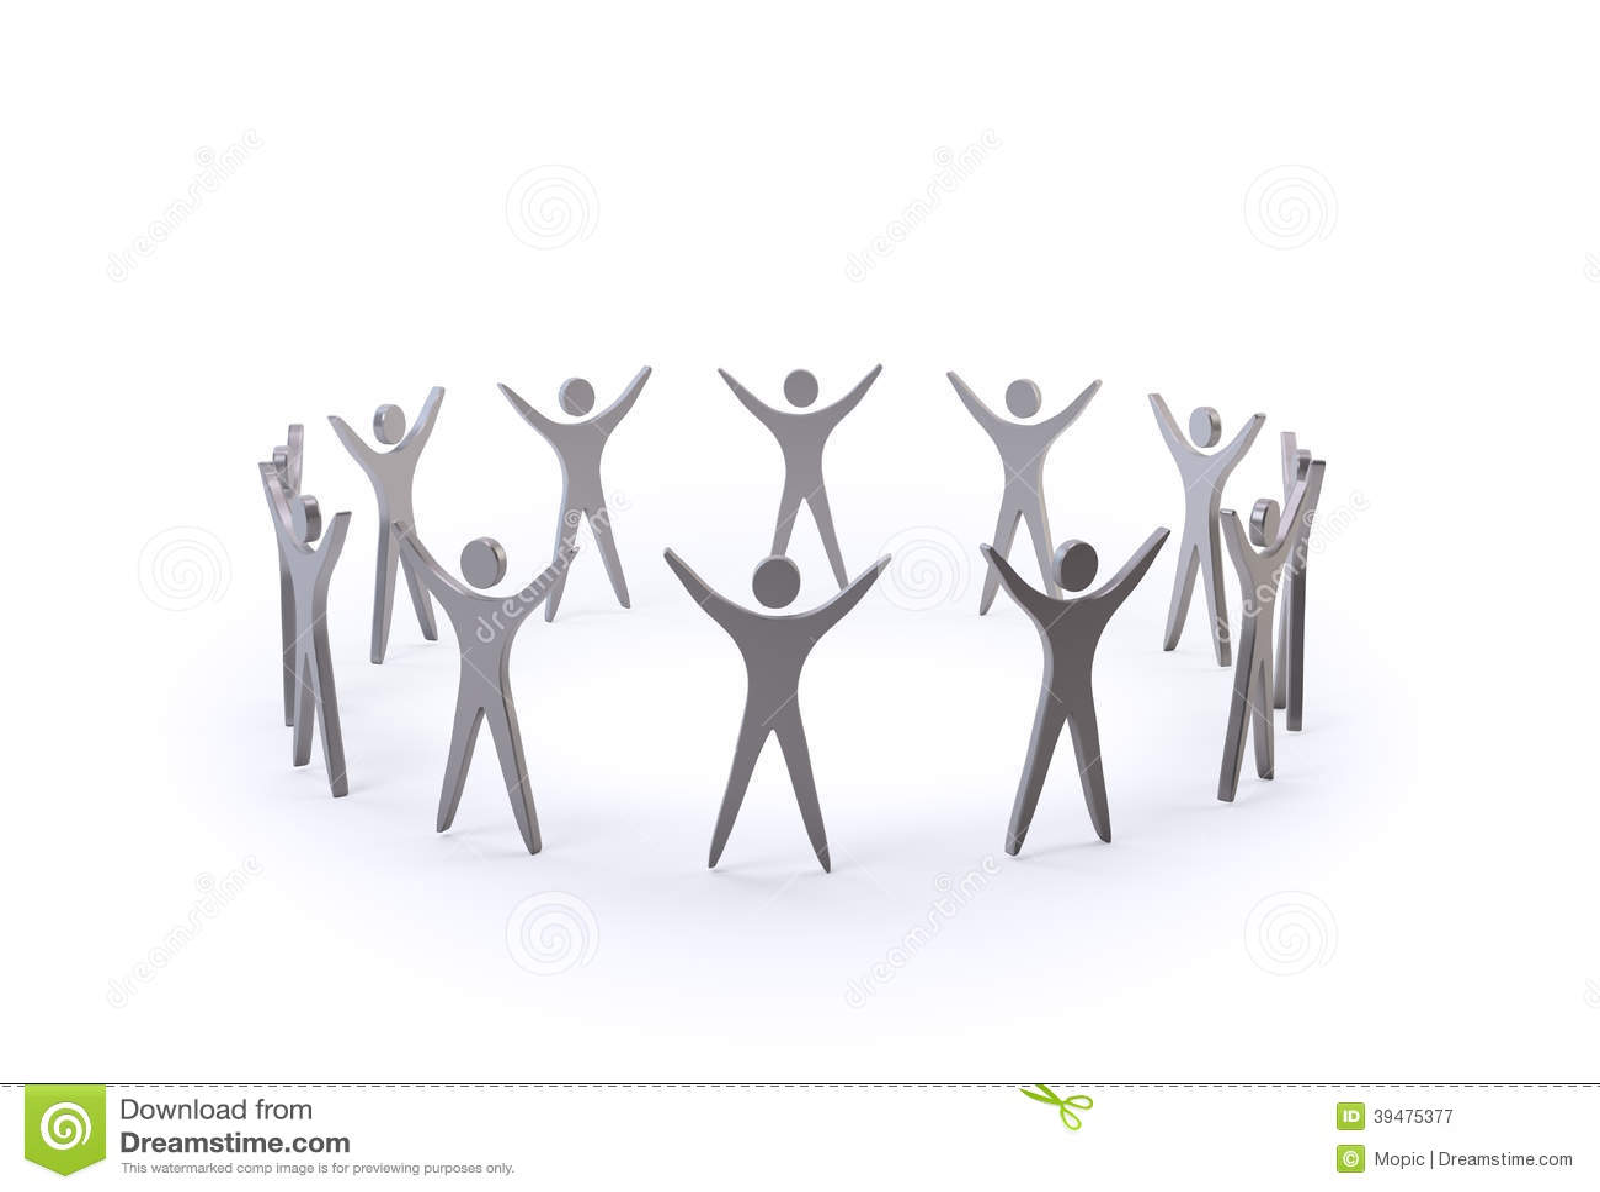 Figure Di Persone Stilizzate.Gruppo Di Persone Stilizzato Illustrazioni Vettoriali E Clipart